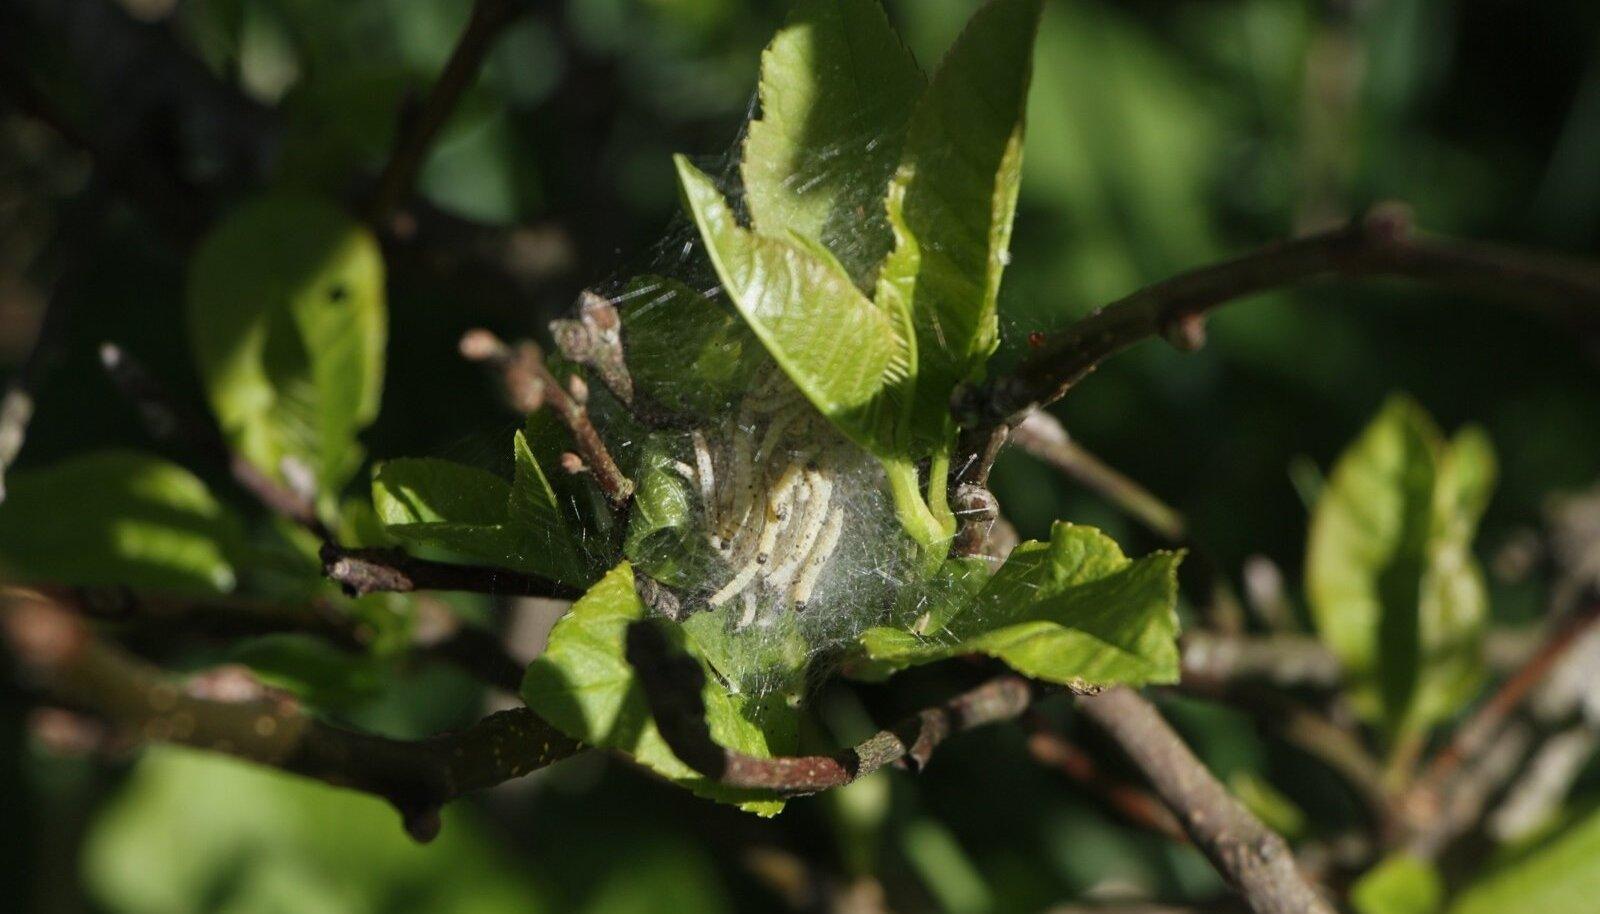 Toominga-võrgendikoi röövikud on isukad ning söövad sageli puu lehtedest paljaks.